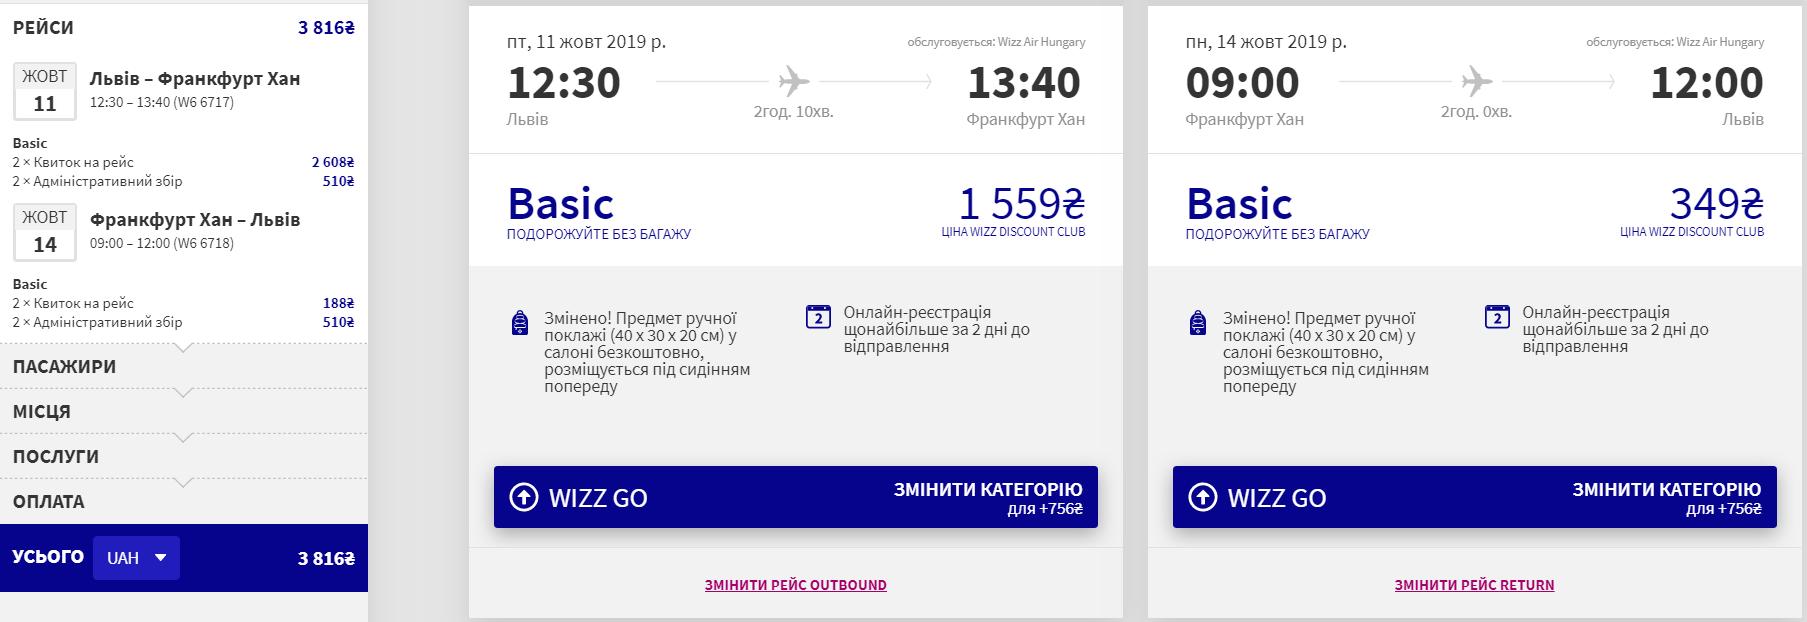 Львів - Хан -Львів >>